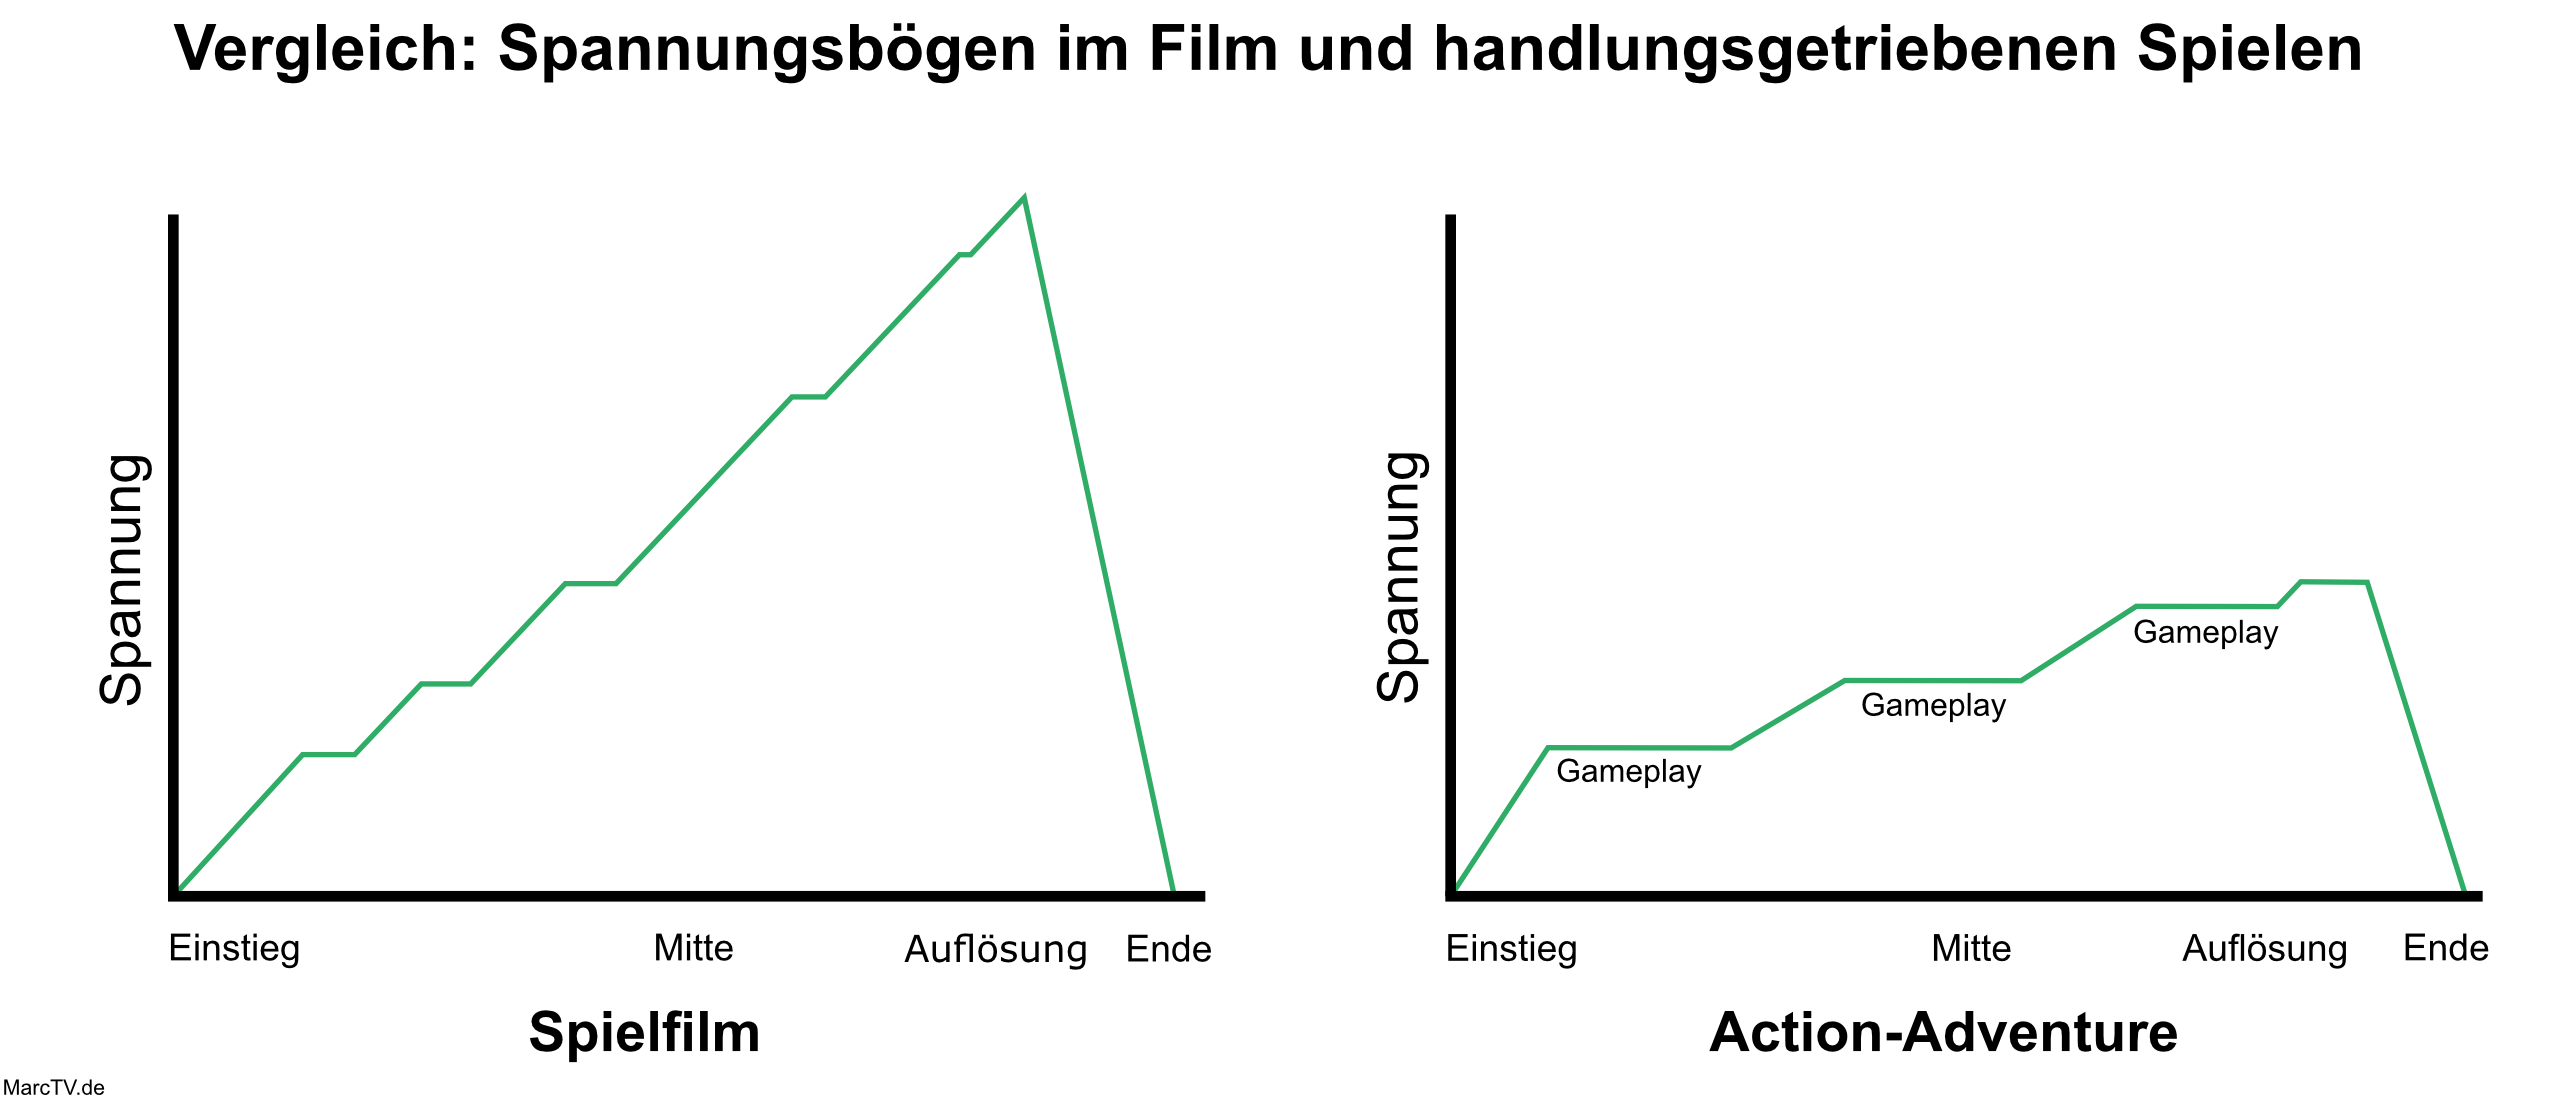 Unterschied zwischen Handlungen im Spiel und Film